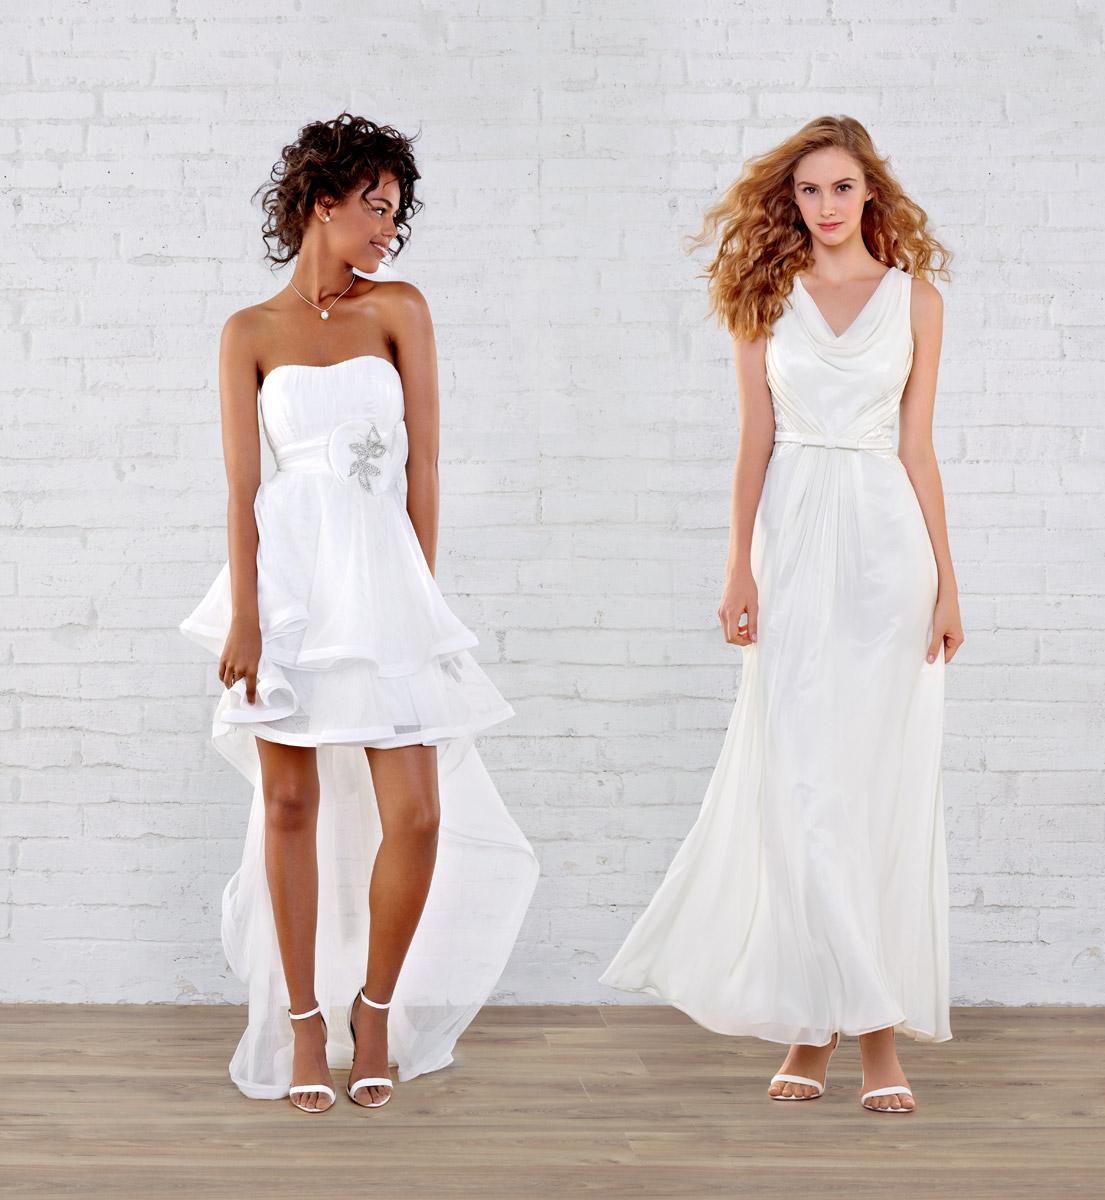 f8ad73a9669 Sélection de robe mariée grande taille pas cher chez Tati .